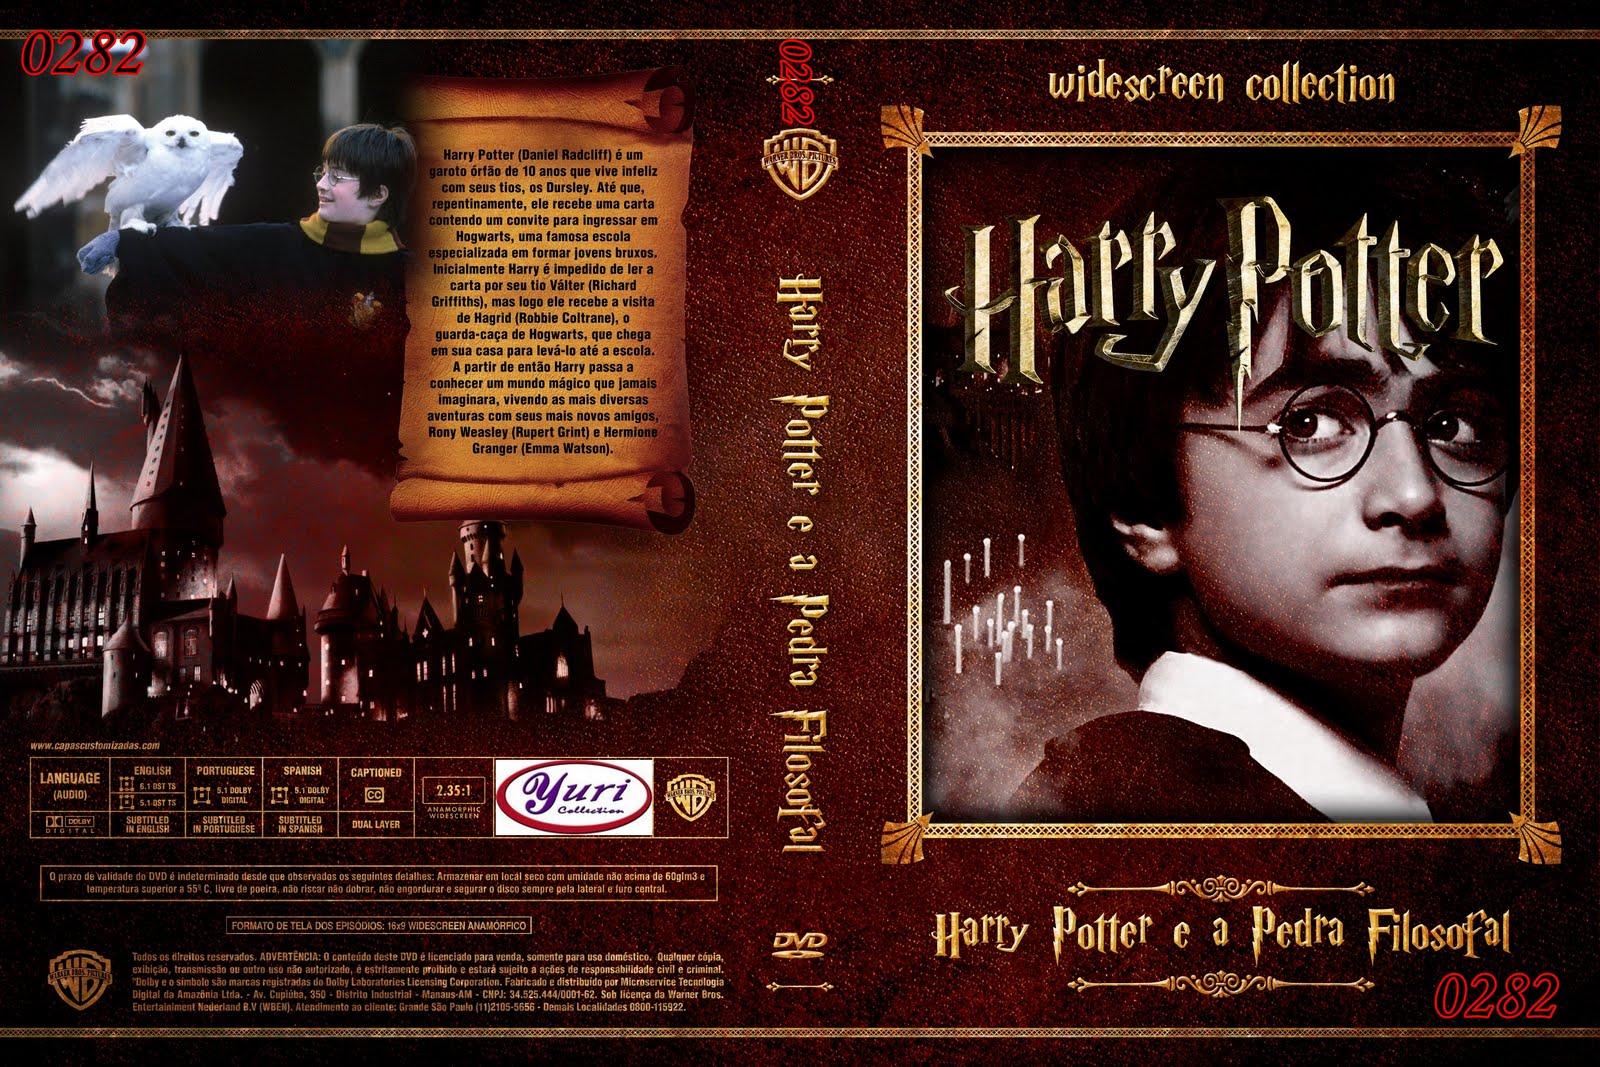 Harry Potter É A Pedra Filosofal throughout michael filmes: harry potter e a pedra filosofal dublado via torrent